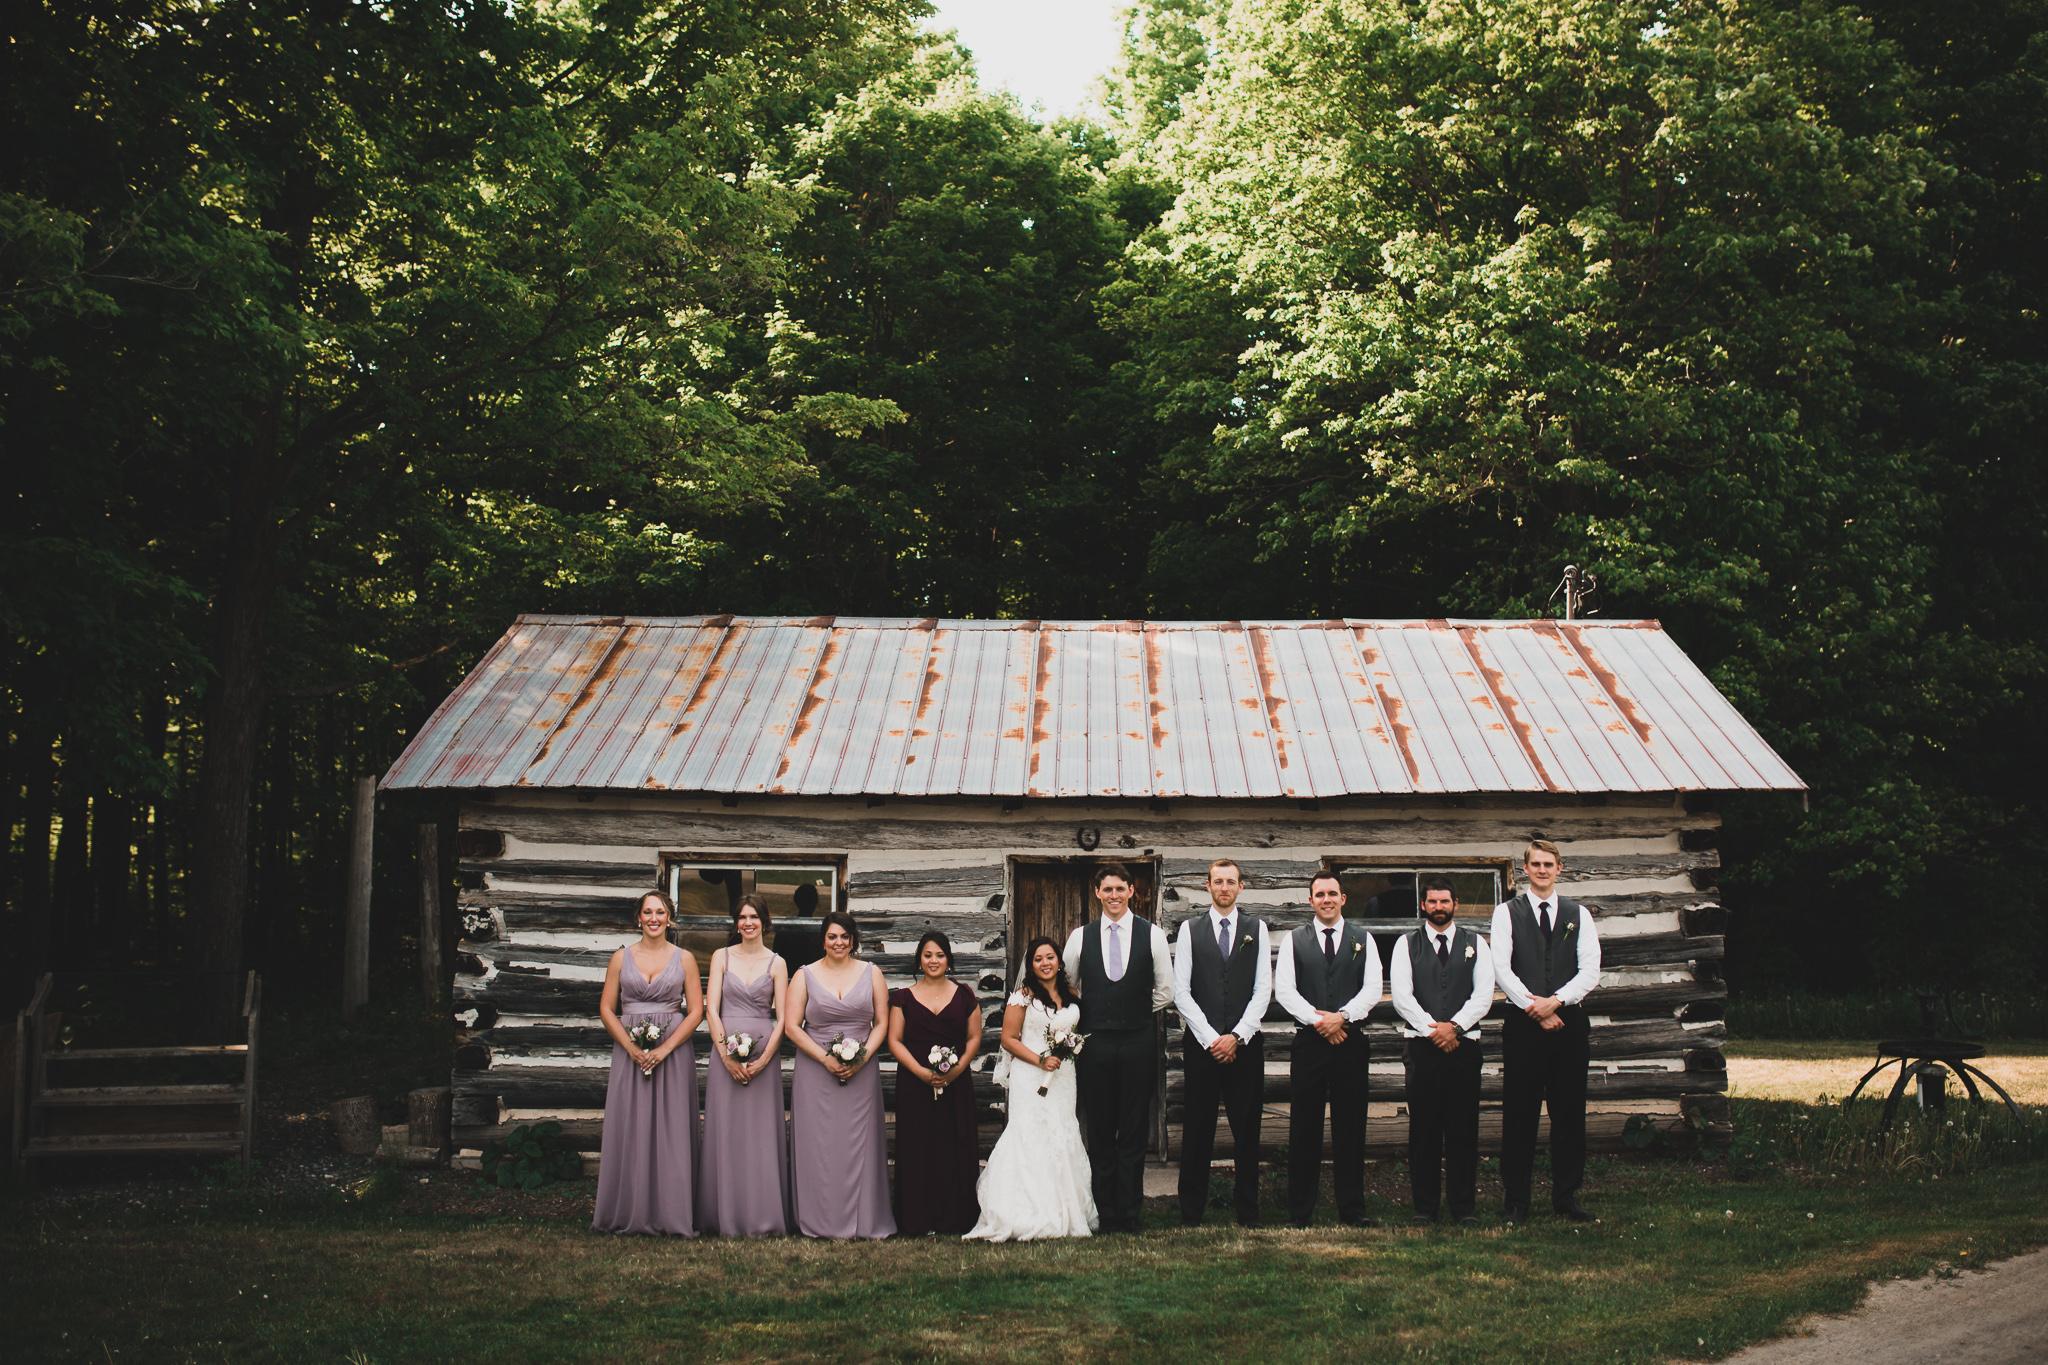 Perth Ontario Alternative Wedding Venues